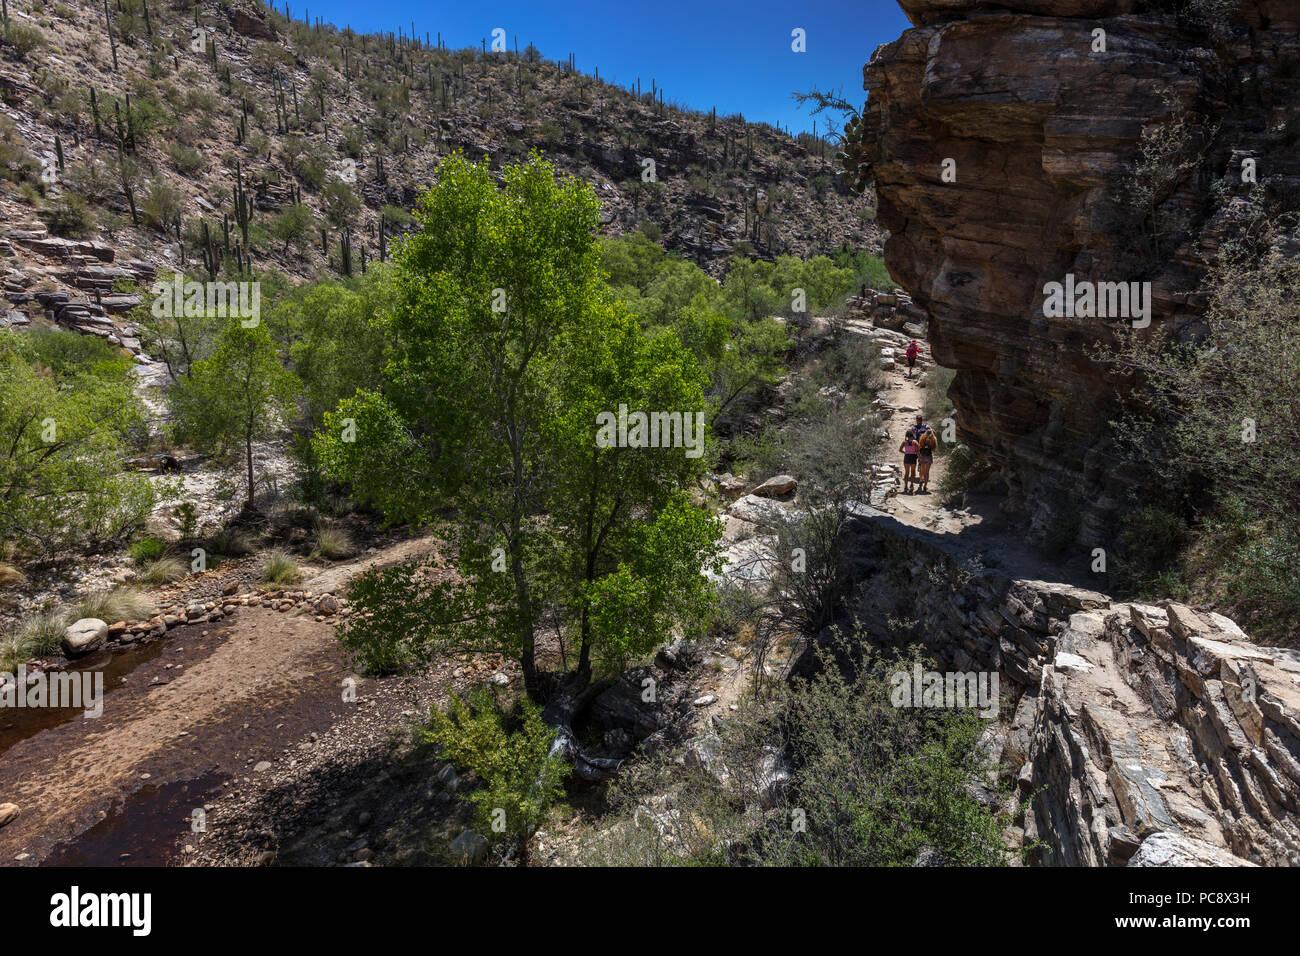 Low Water at Riparian Oasis, Sabino Canyon, AZ - Stock Image